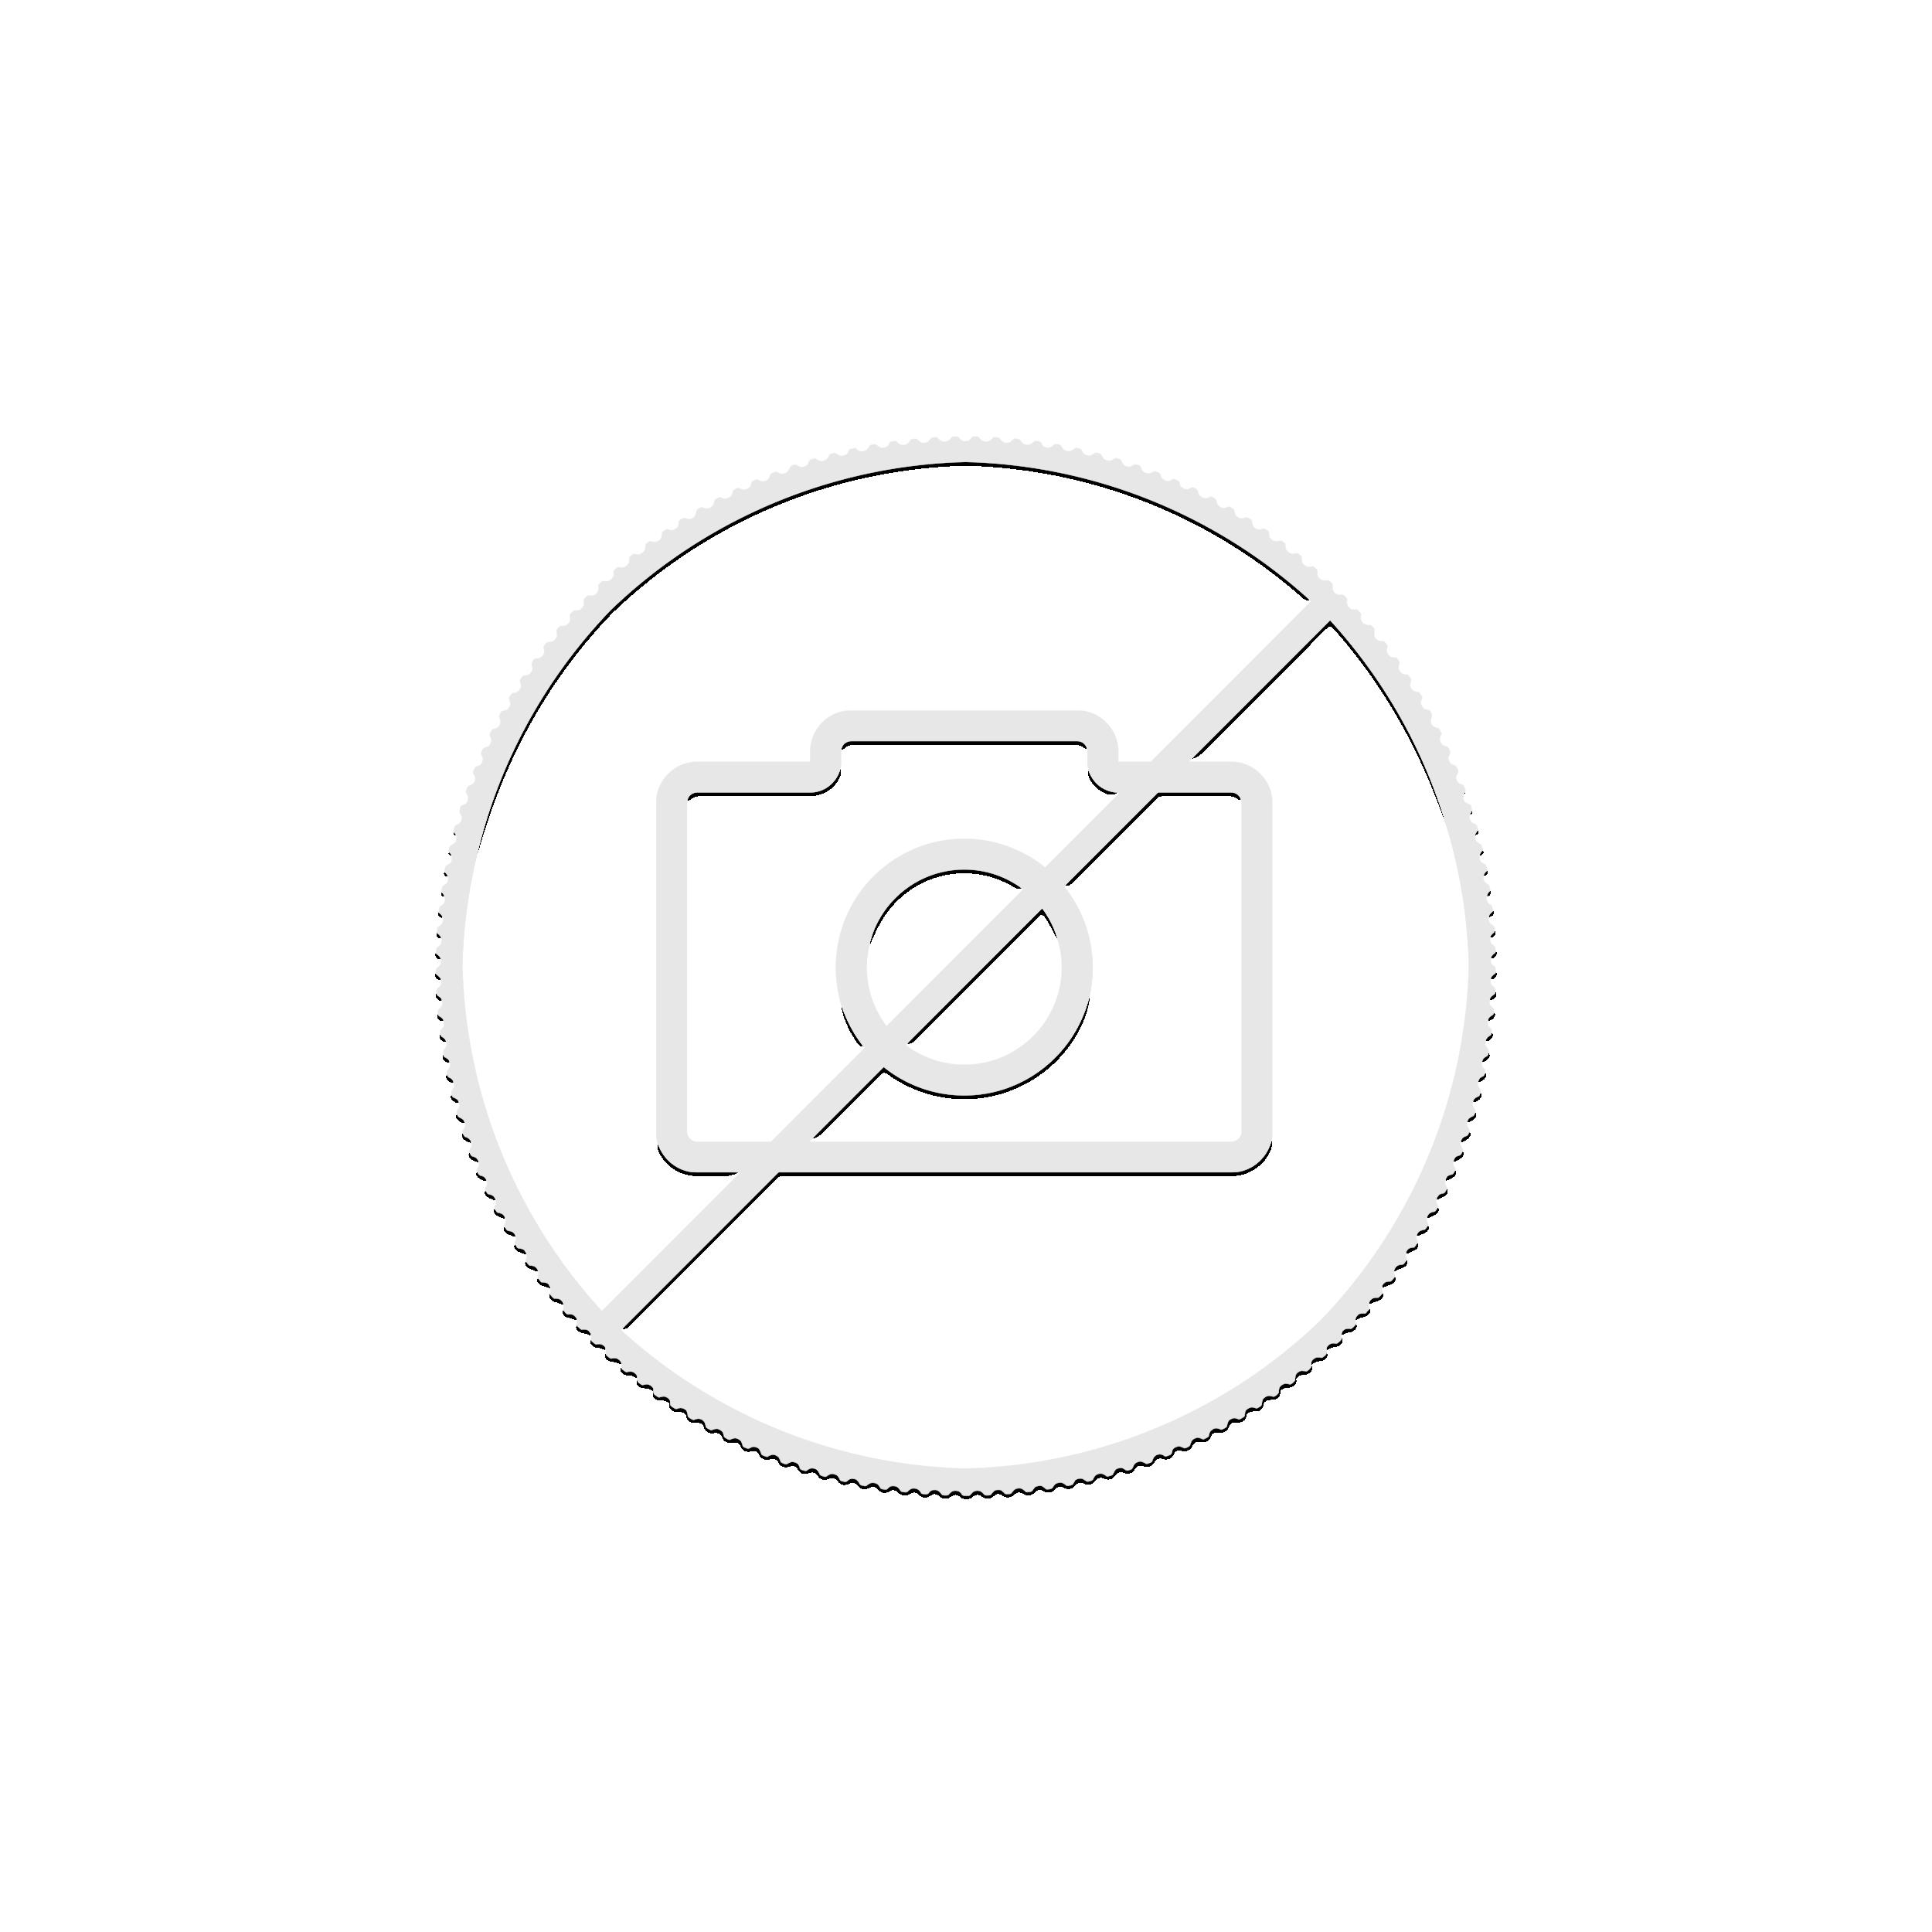 1 Troy ounce goudbaar Pamp Suisse design